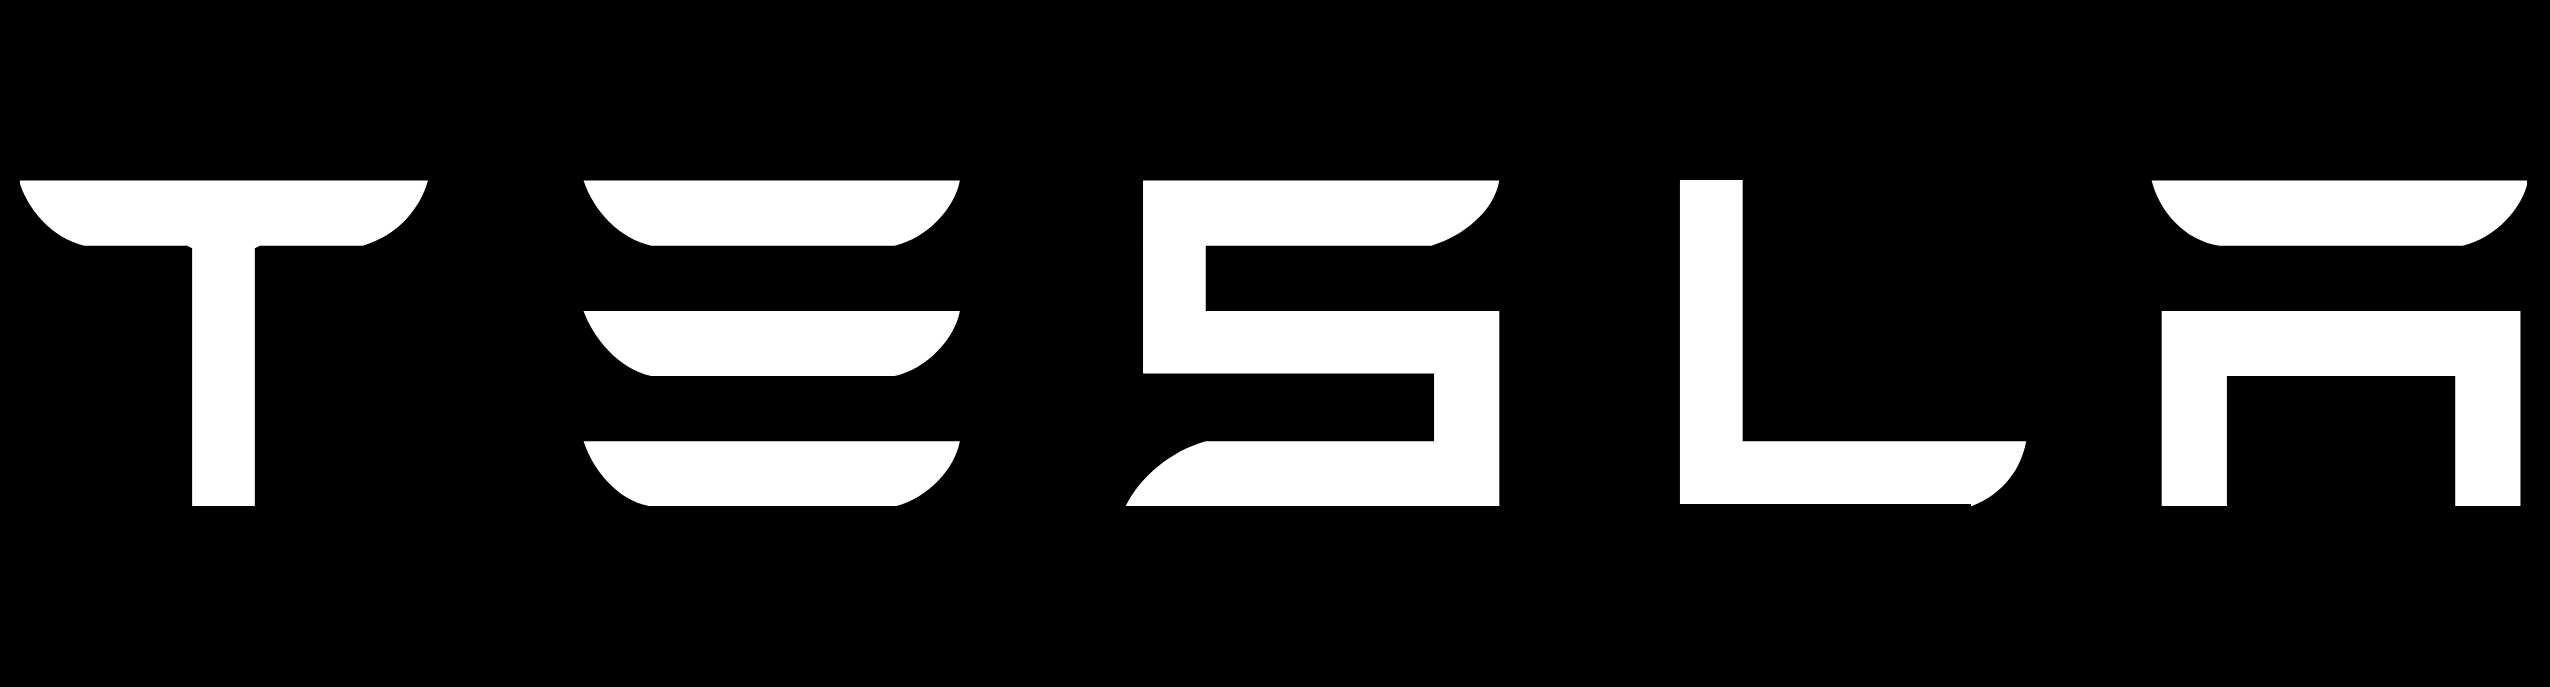 Breathe LA - Logo - Tesla